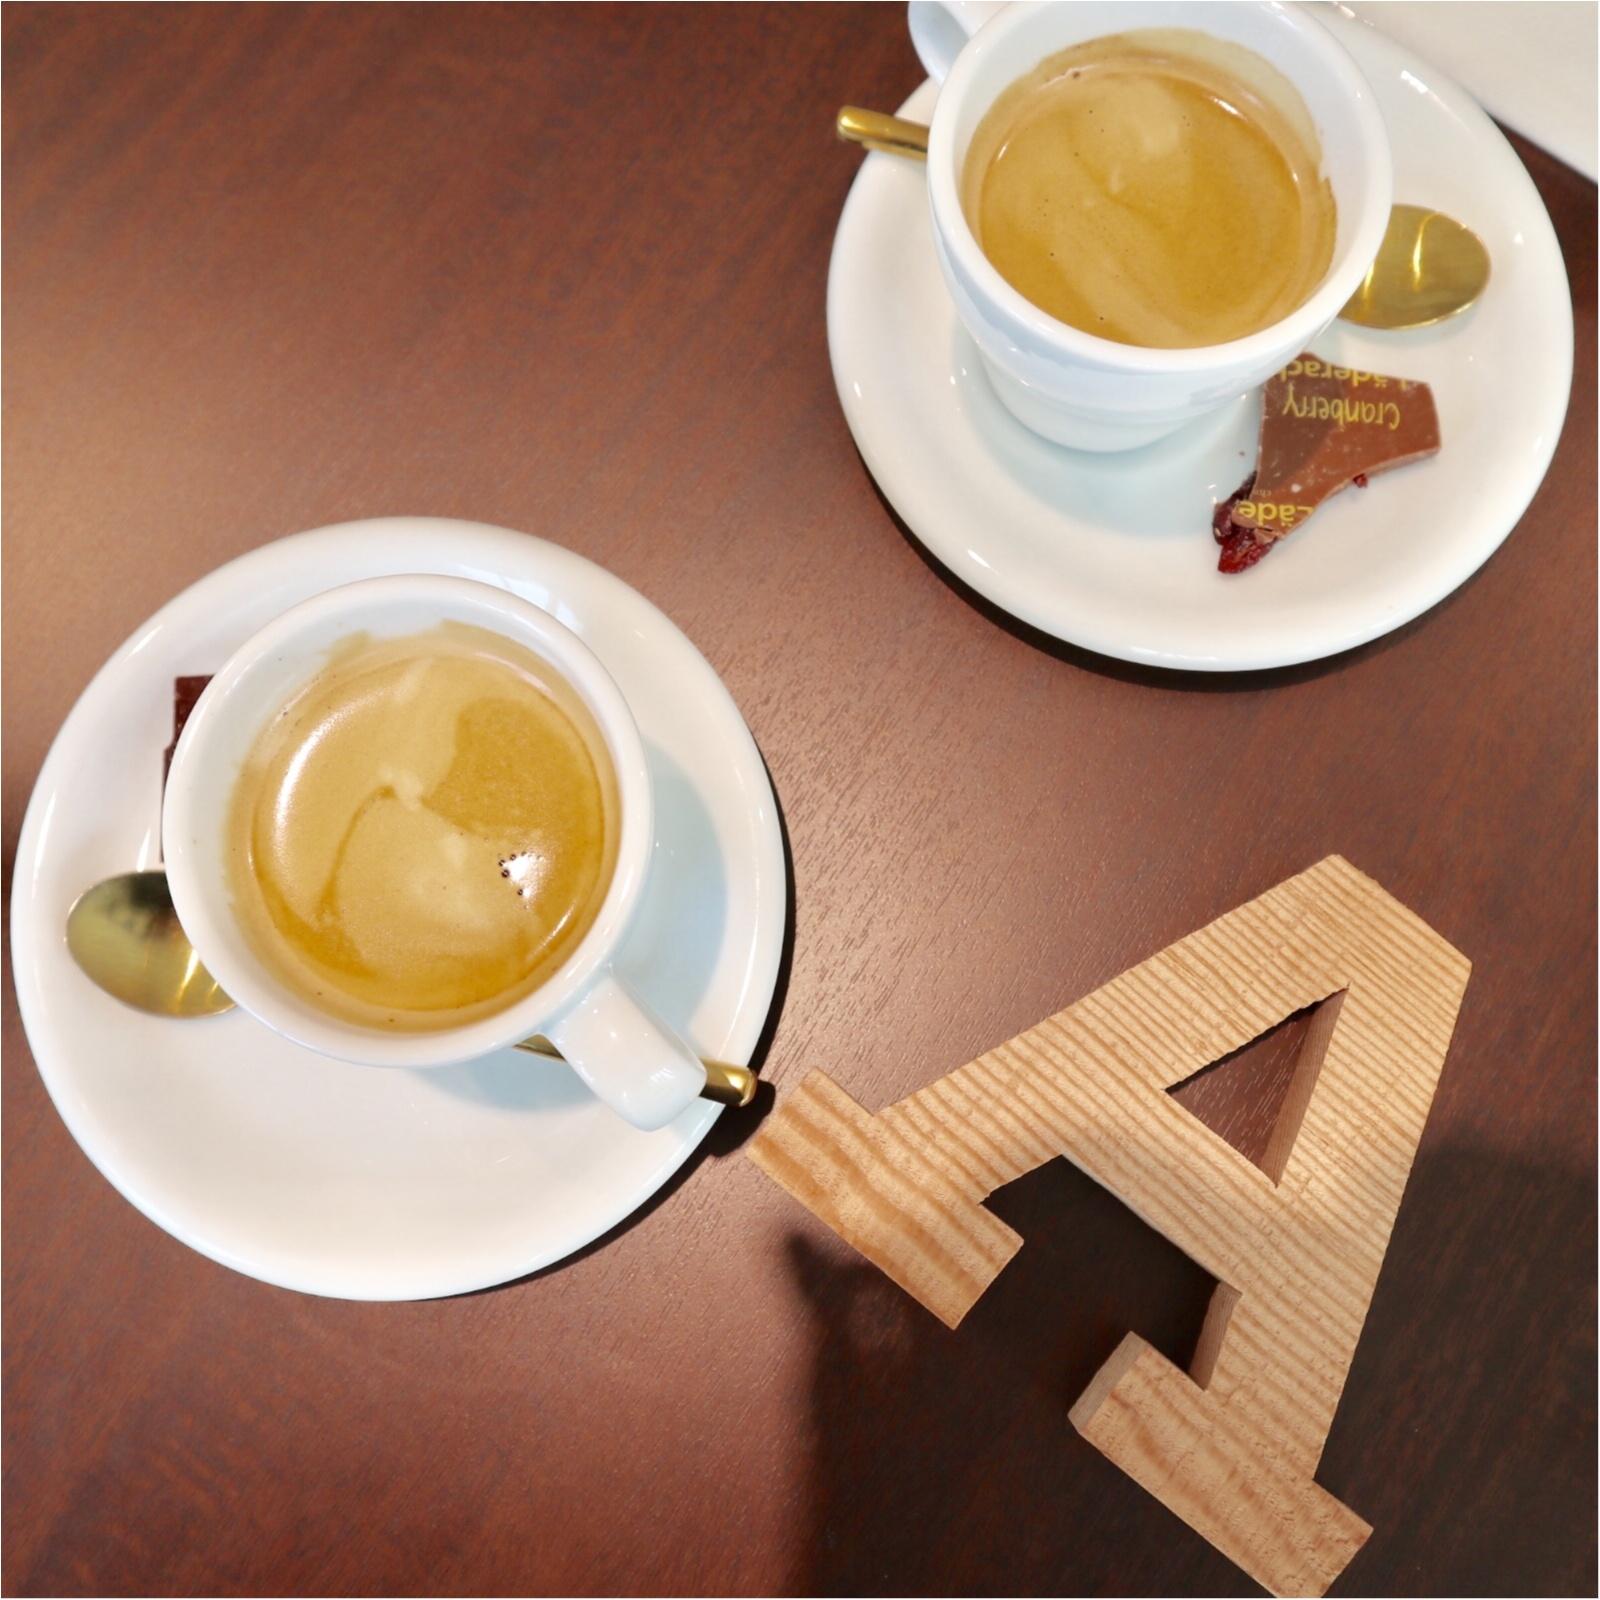 スイス風の店内が可愛いっ♡冬季限定【BALLY CAFE】に行ってきました!_4